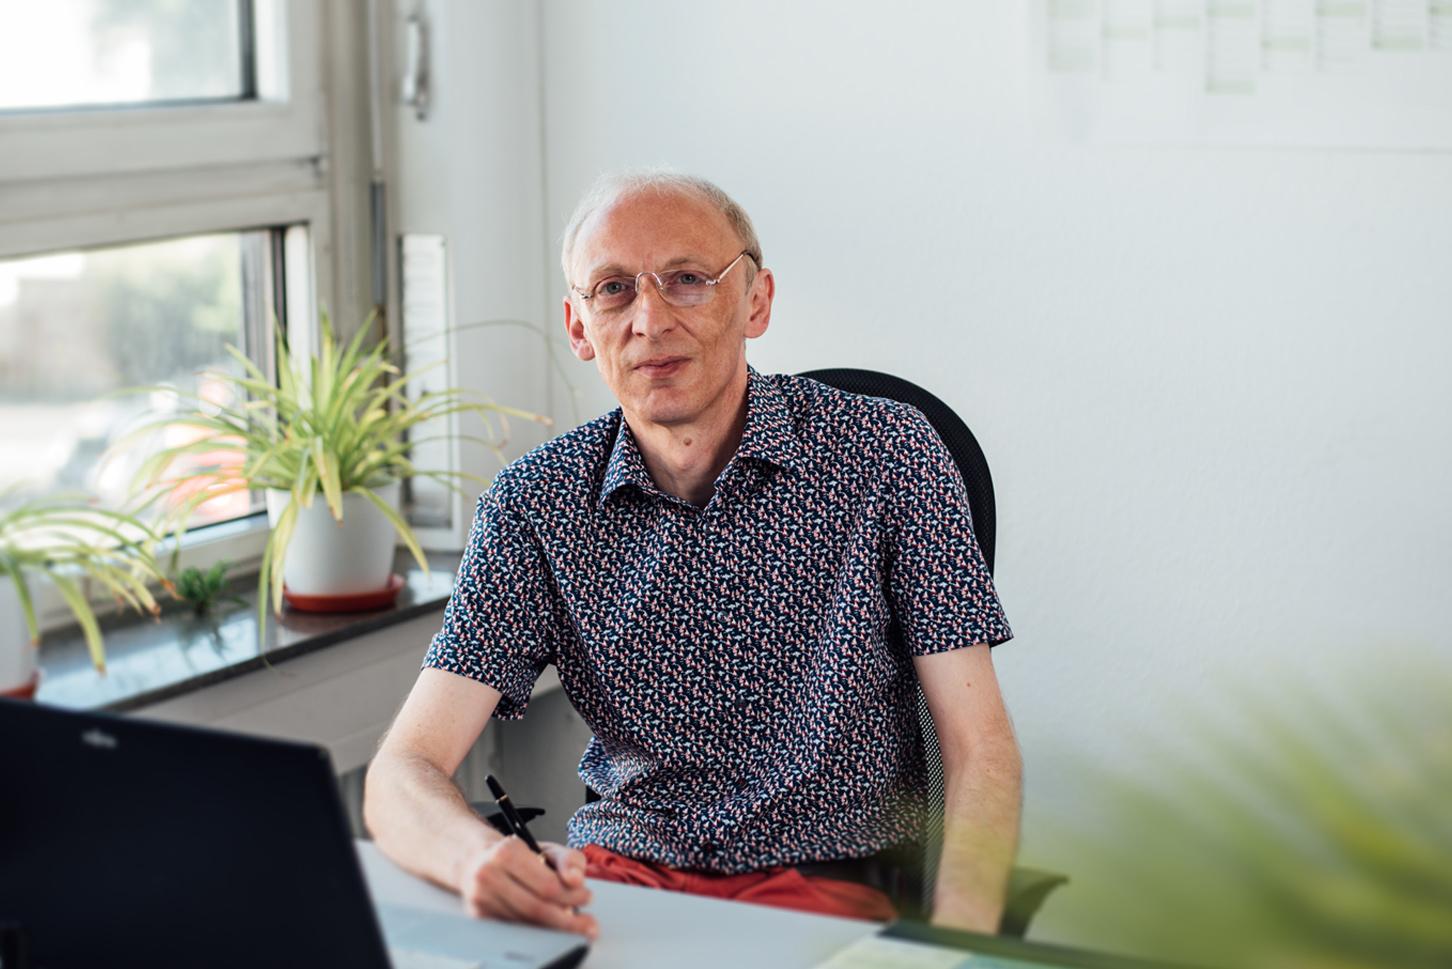 Karsten Degenhardt